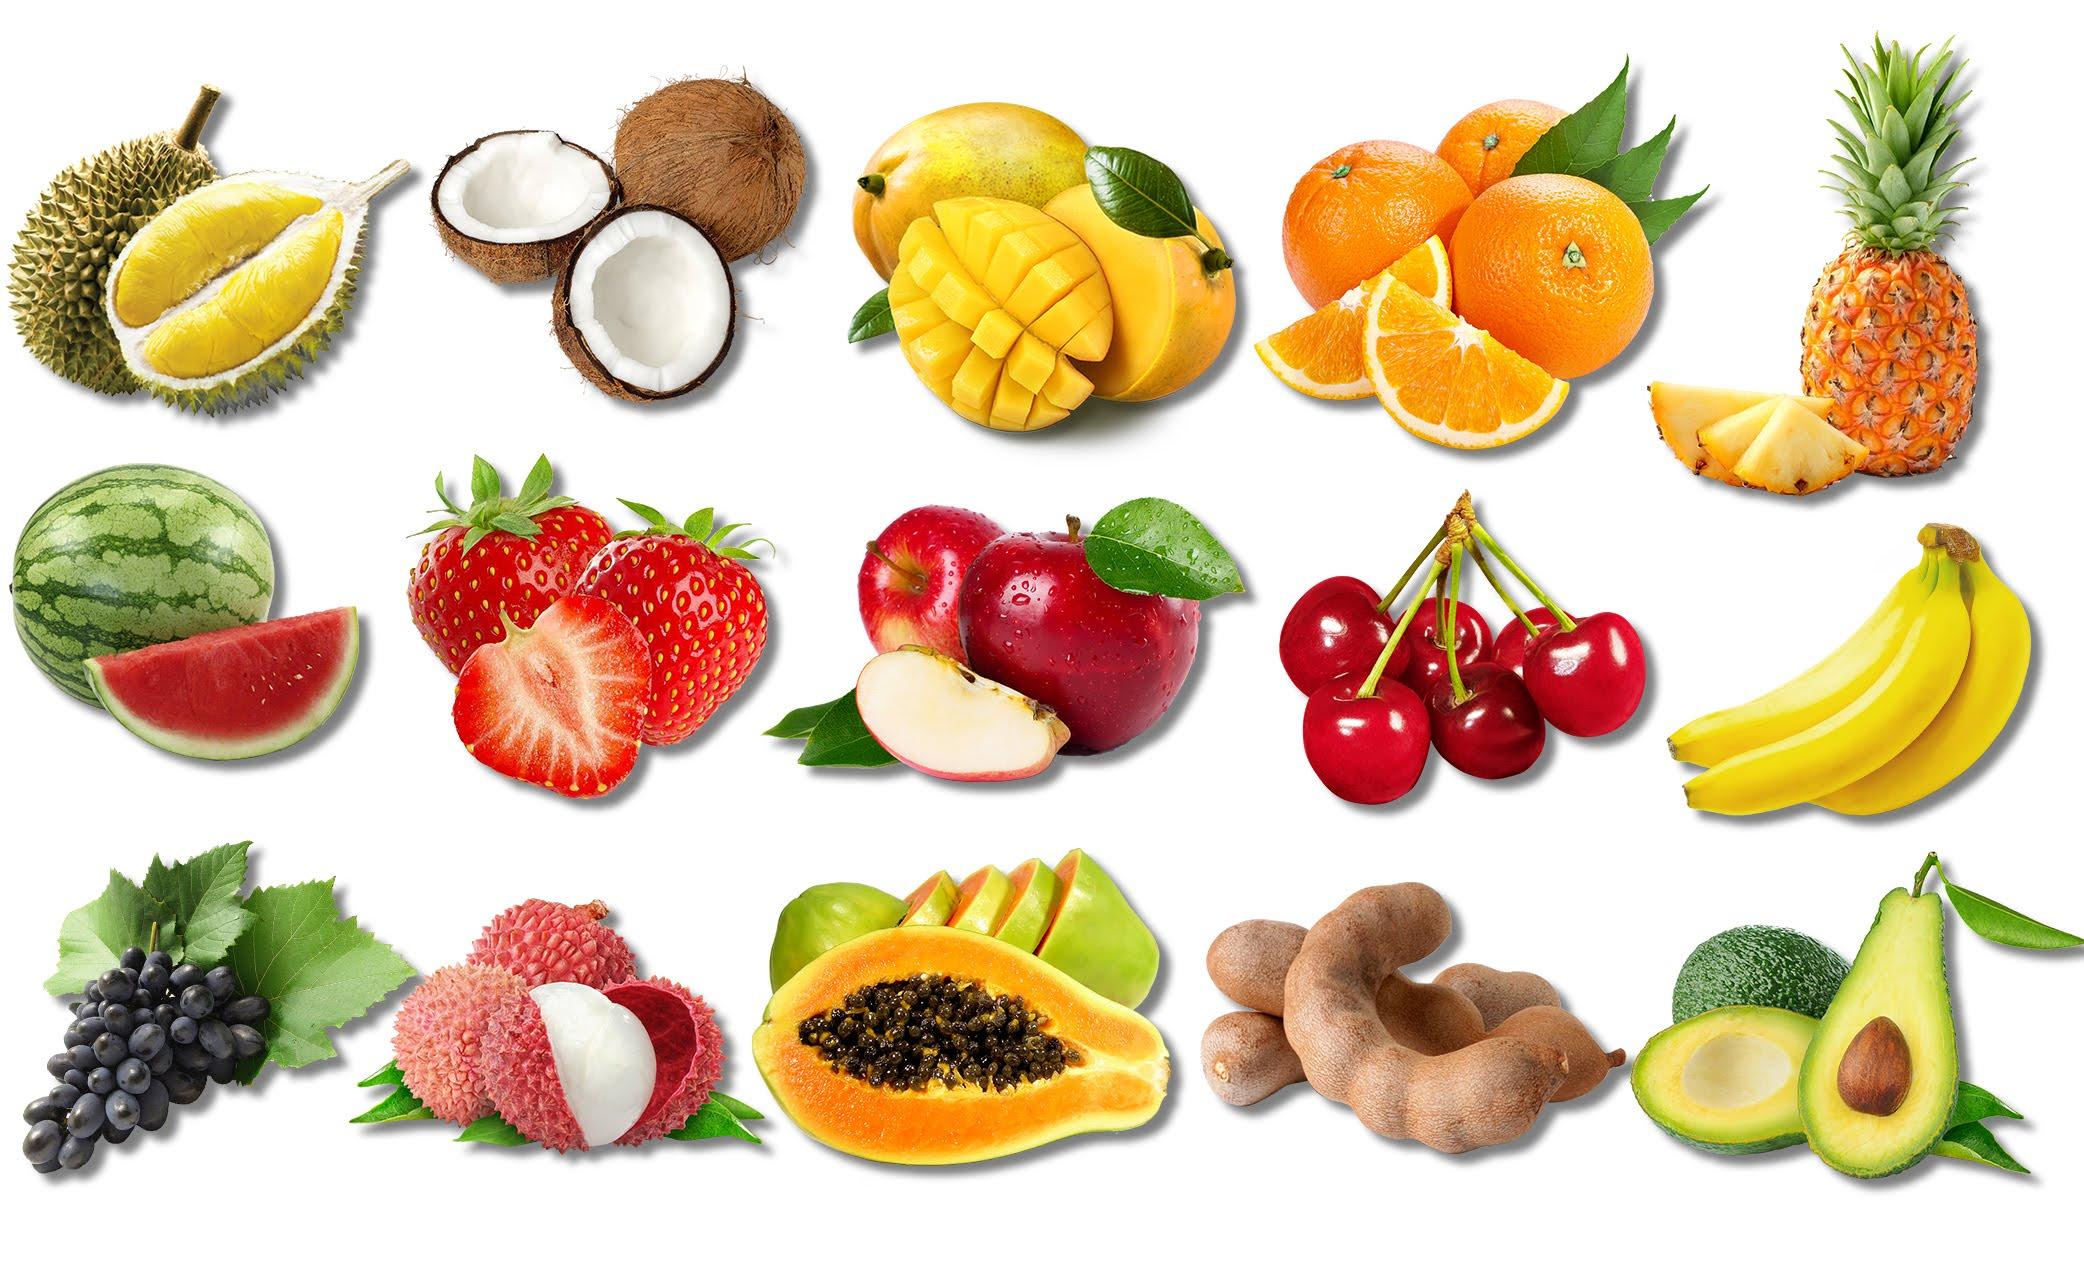 Những thực phẩm không nên có trong thực đơn giảm béo của bạn.